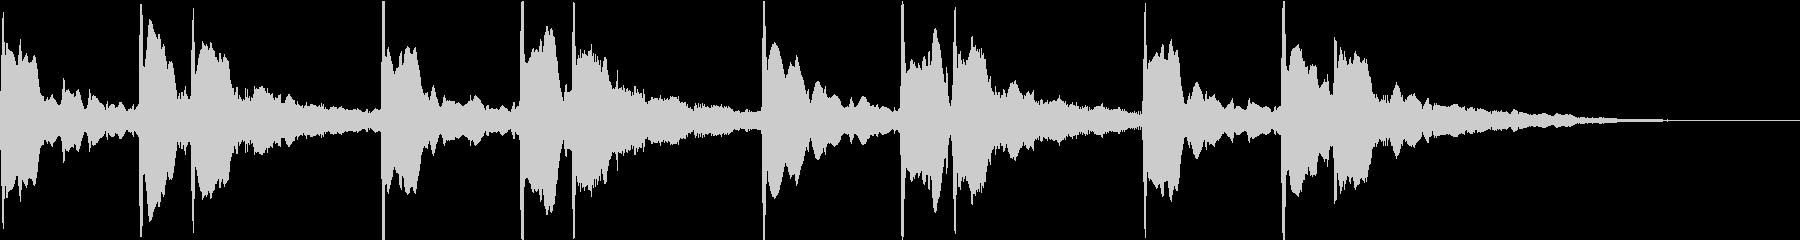 本当にあった怖い話:怪談の不気味な音の未再生の波形